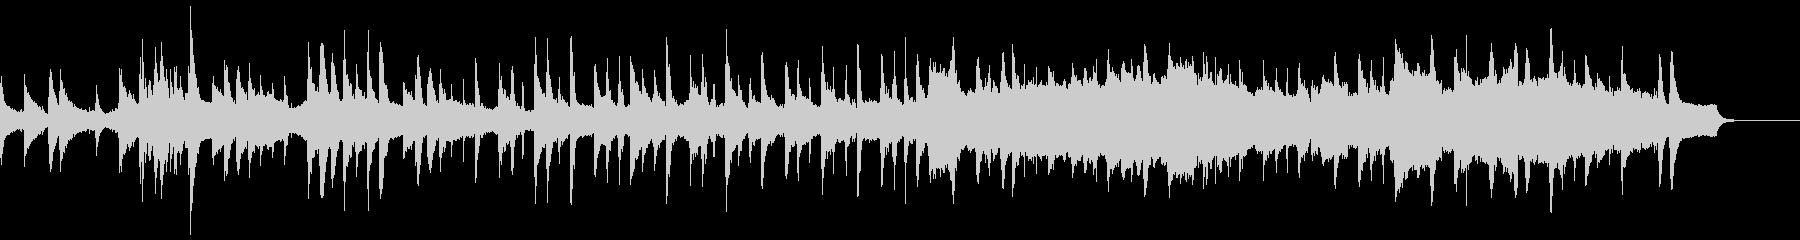 ストリングスとピアノによる、けだるいボサの未再生の波形